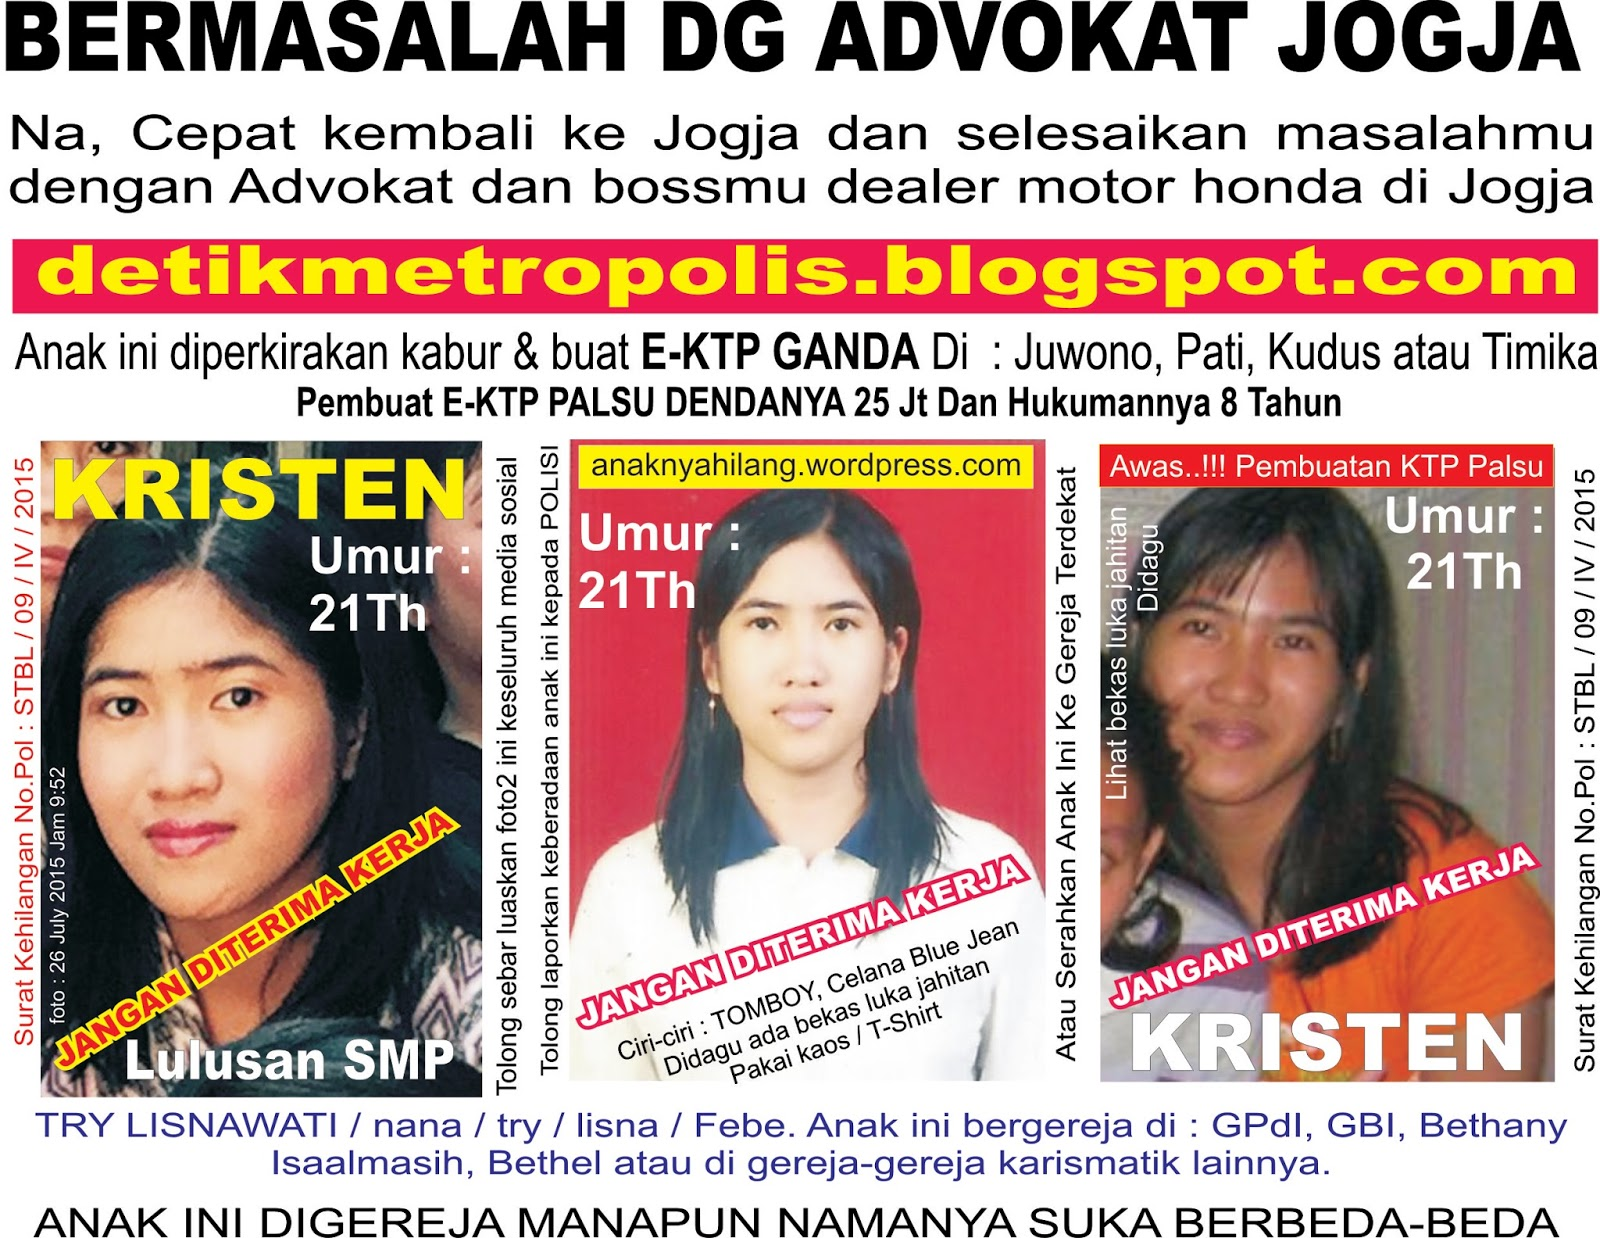 Toko Baja Ringan Kudus Tour And Travel, Jual Tiket Promo, Jasa Antar Jemput ...